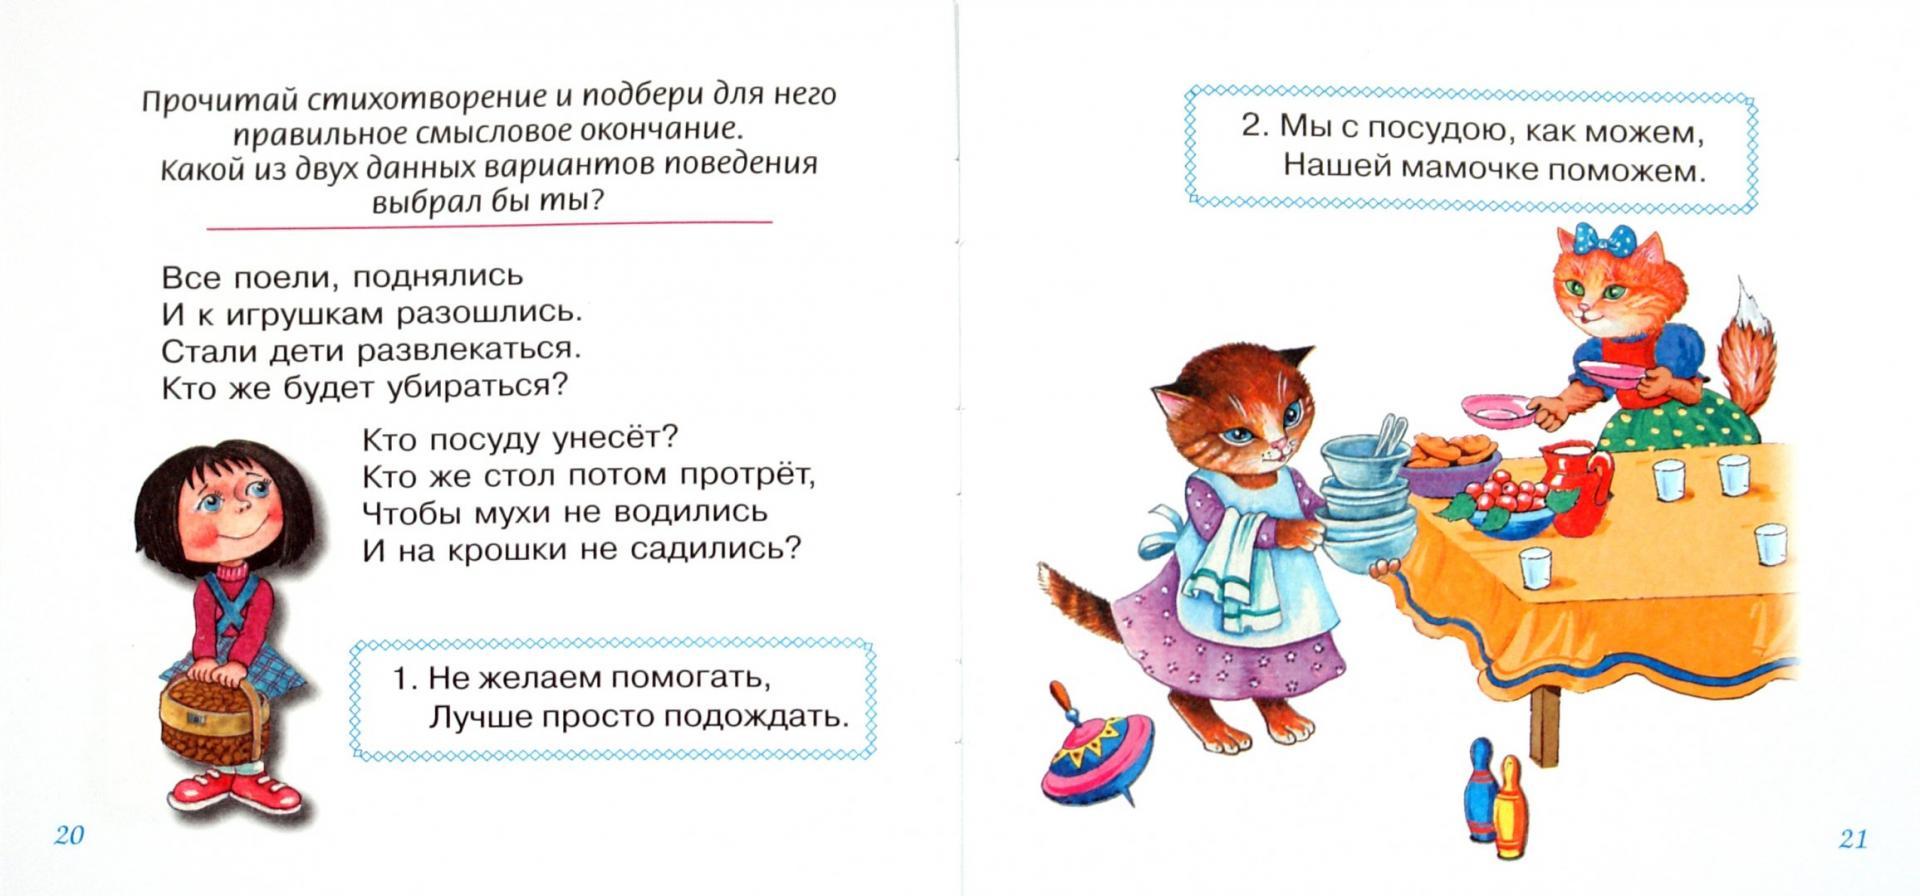 Иллюстрация 1 из 2 для Я буду аккуратным - Галина Шалаева | Лабиринт - книги. Источник: Лабиринт